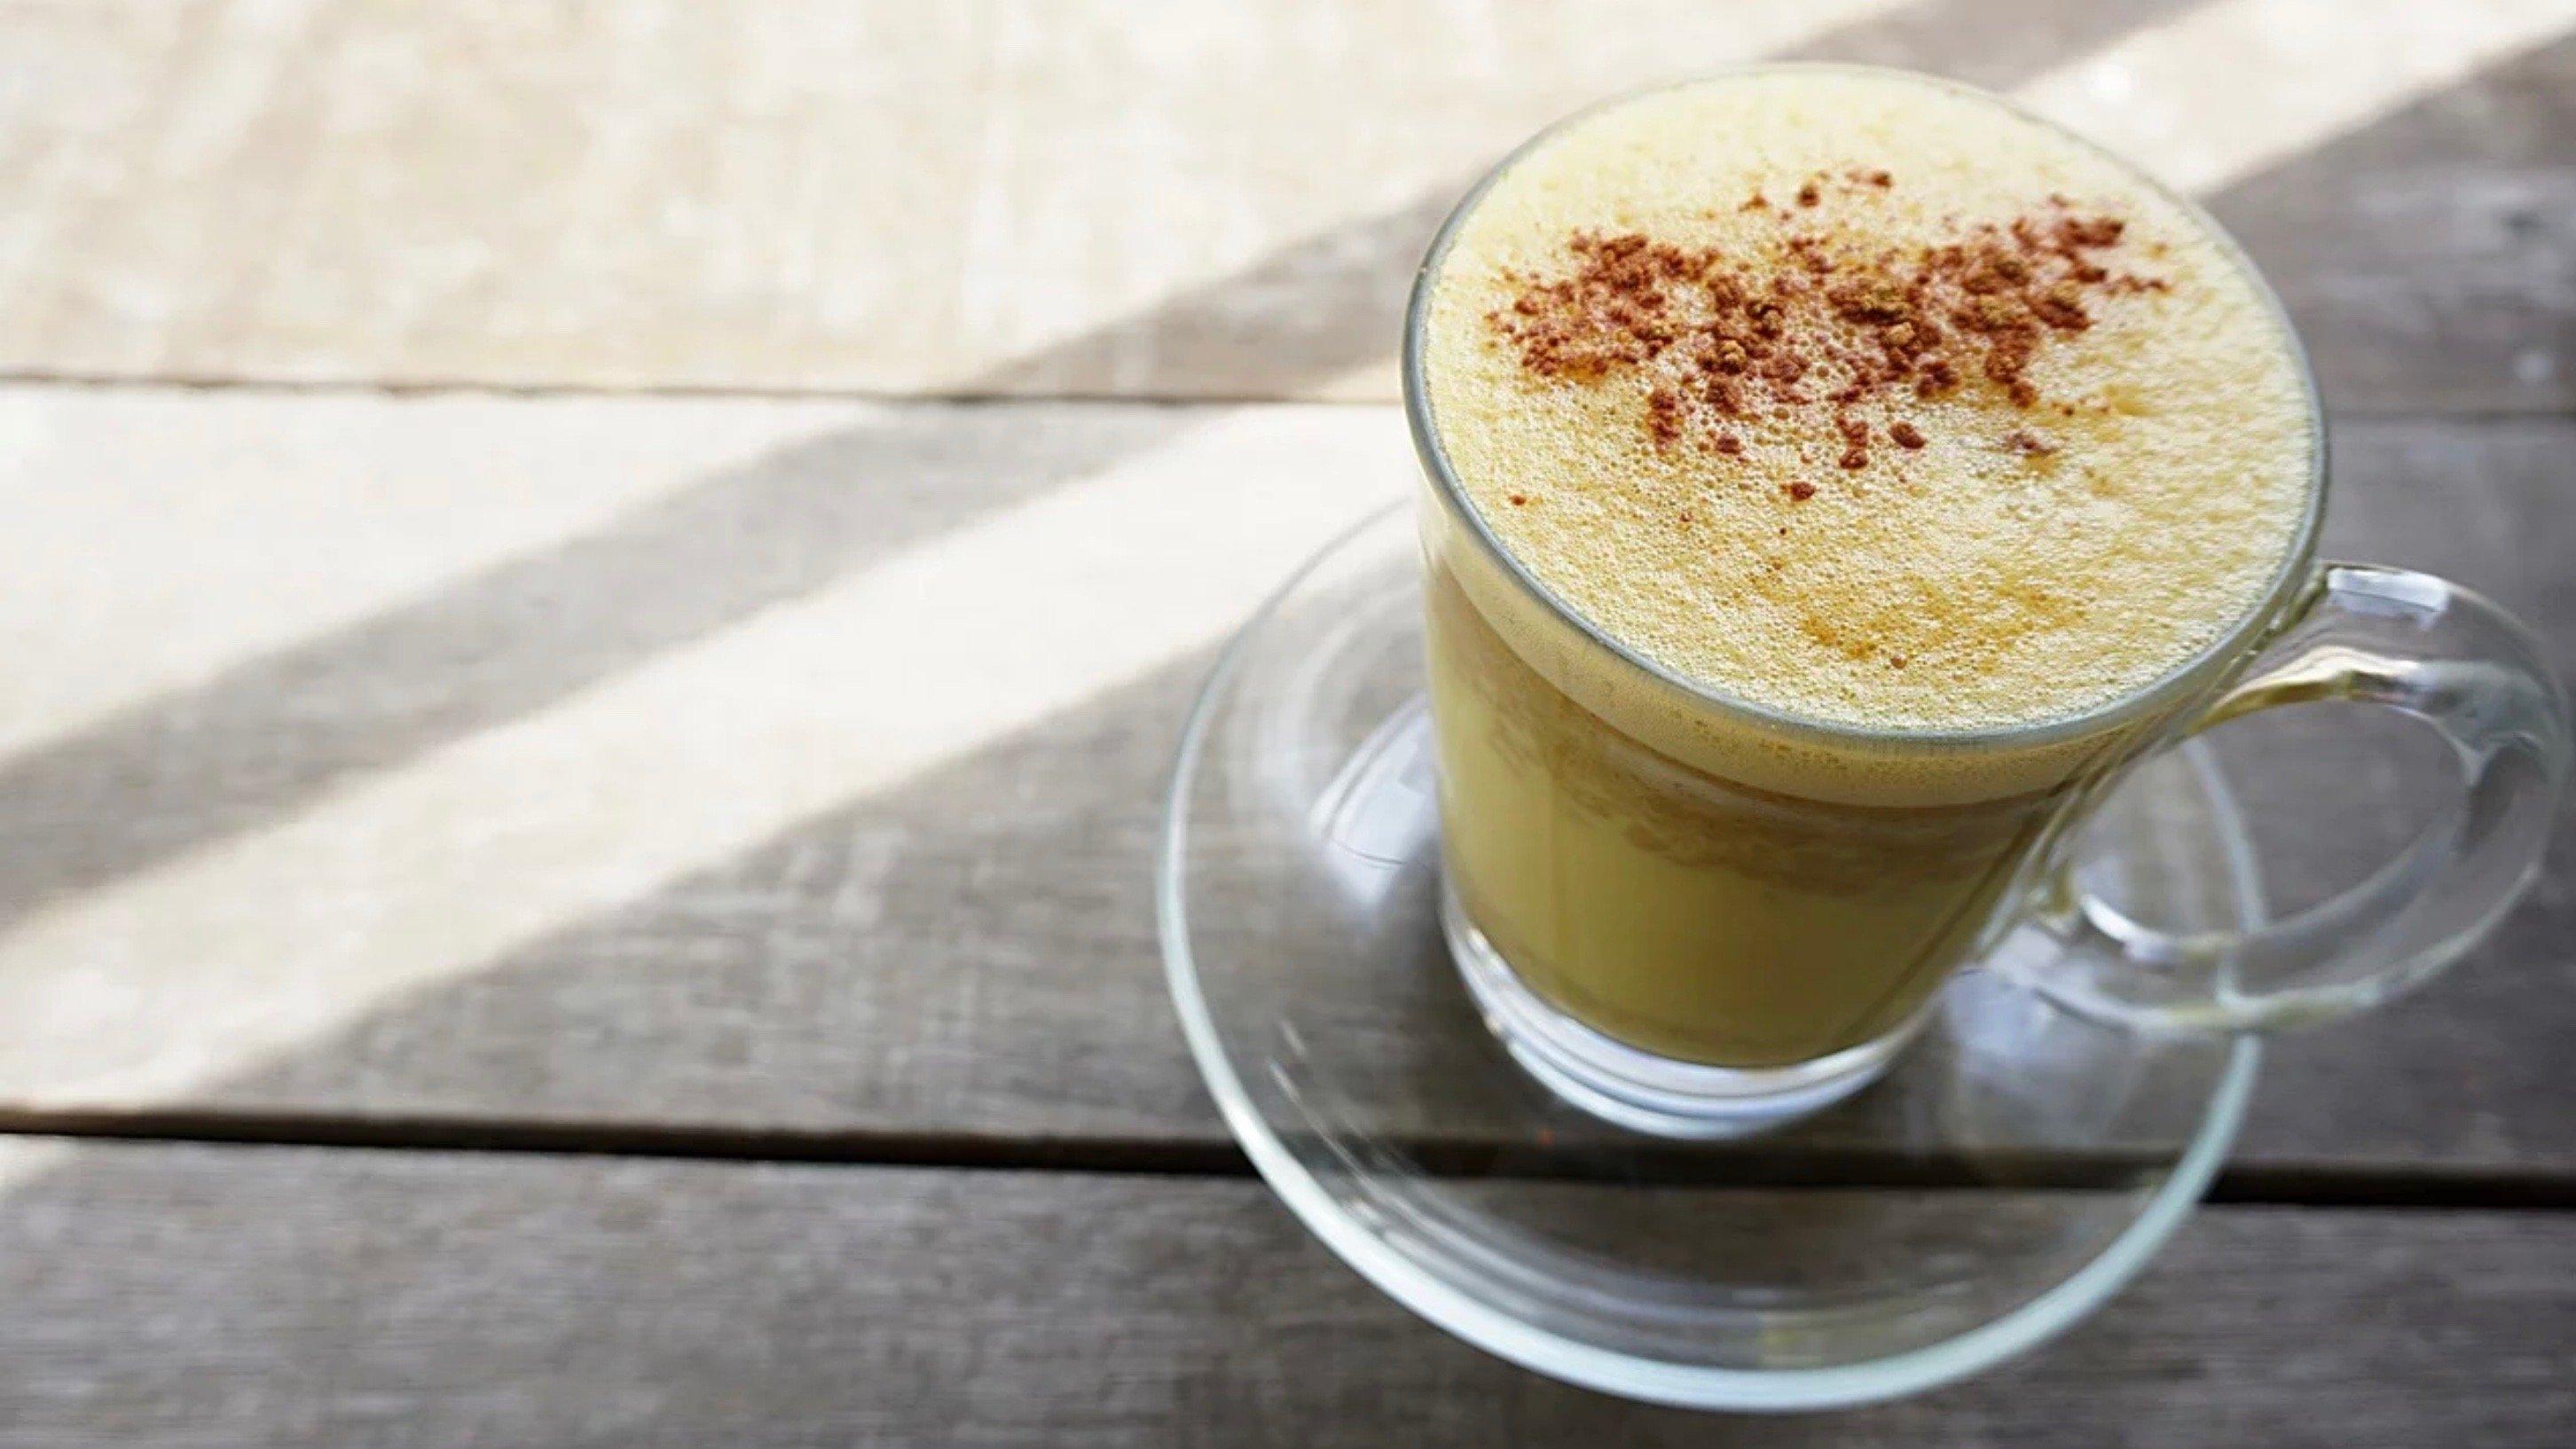 benefits of golden milk